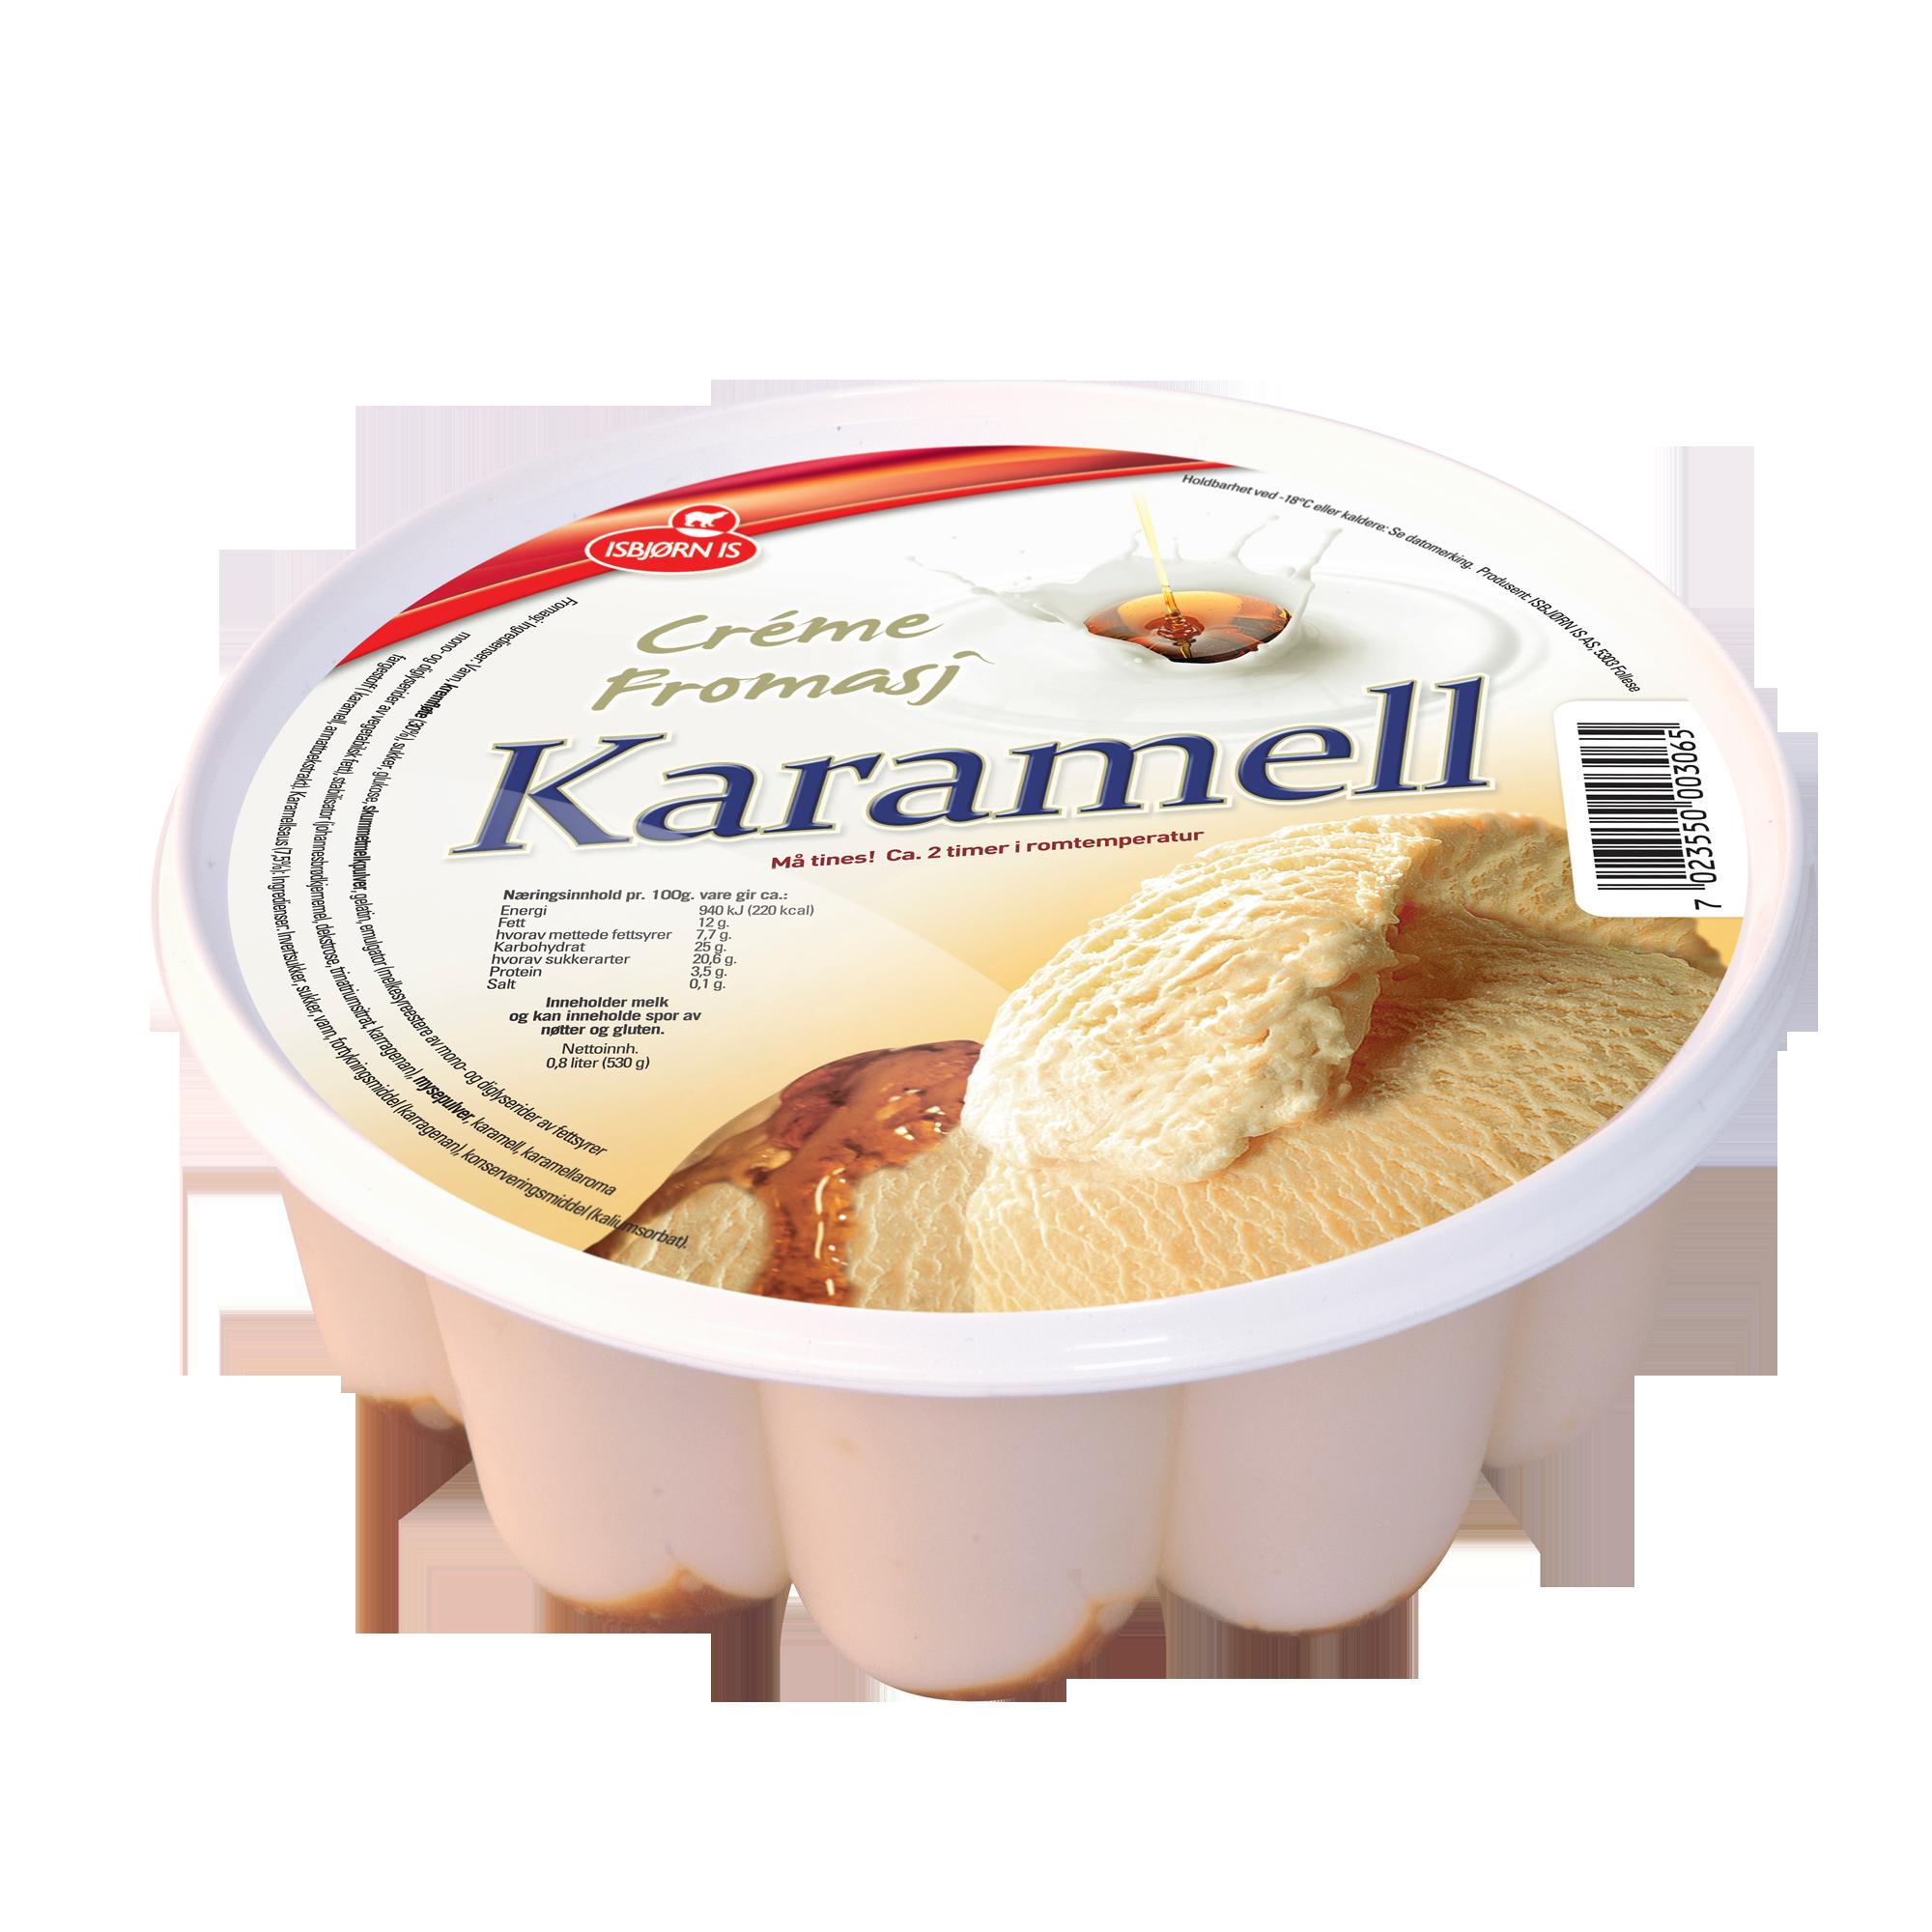 Créme fromasj med karamellsmak.